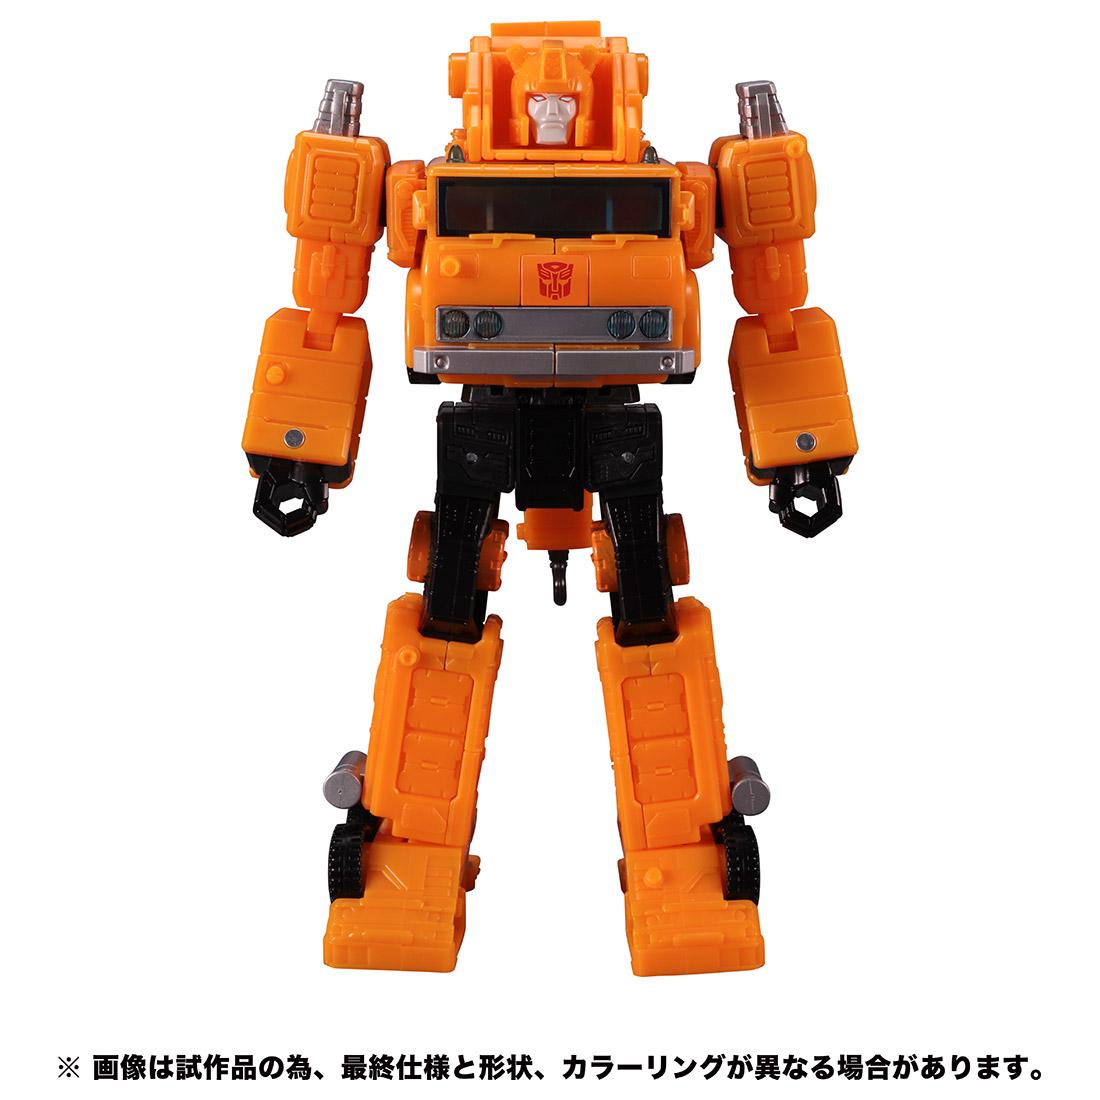 【限定販売】トランスフォーマー アースライズ『ER EX-02 グラップル』可変可動フィギュア-005